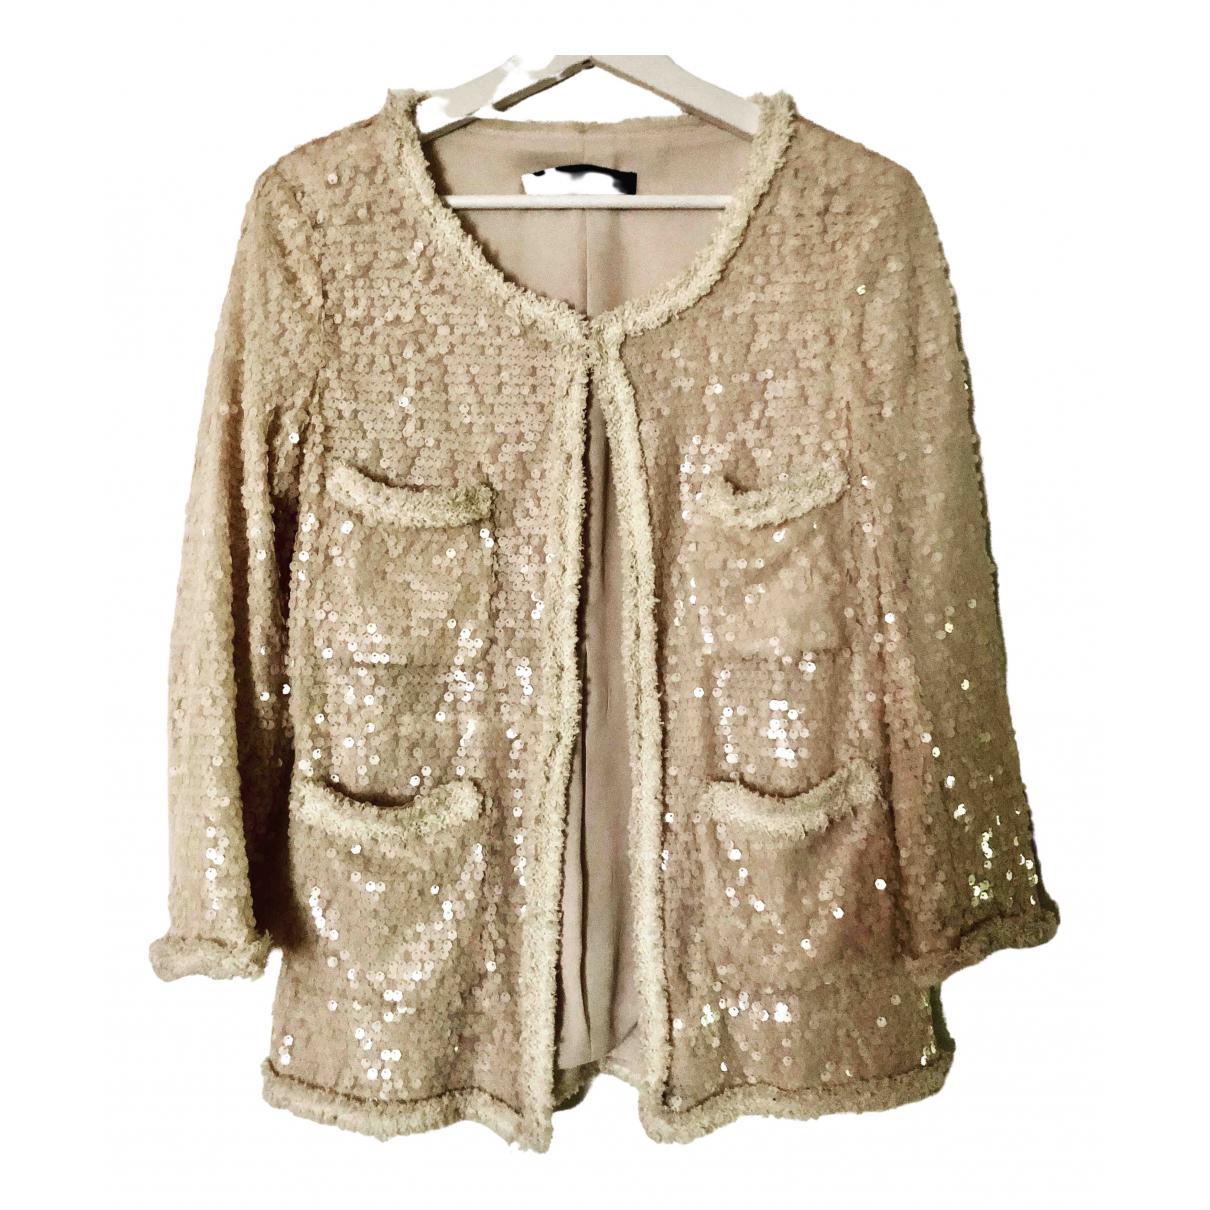 Zara - Top   pour femme en laine - beige